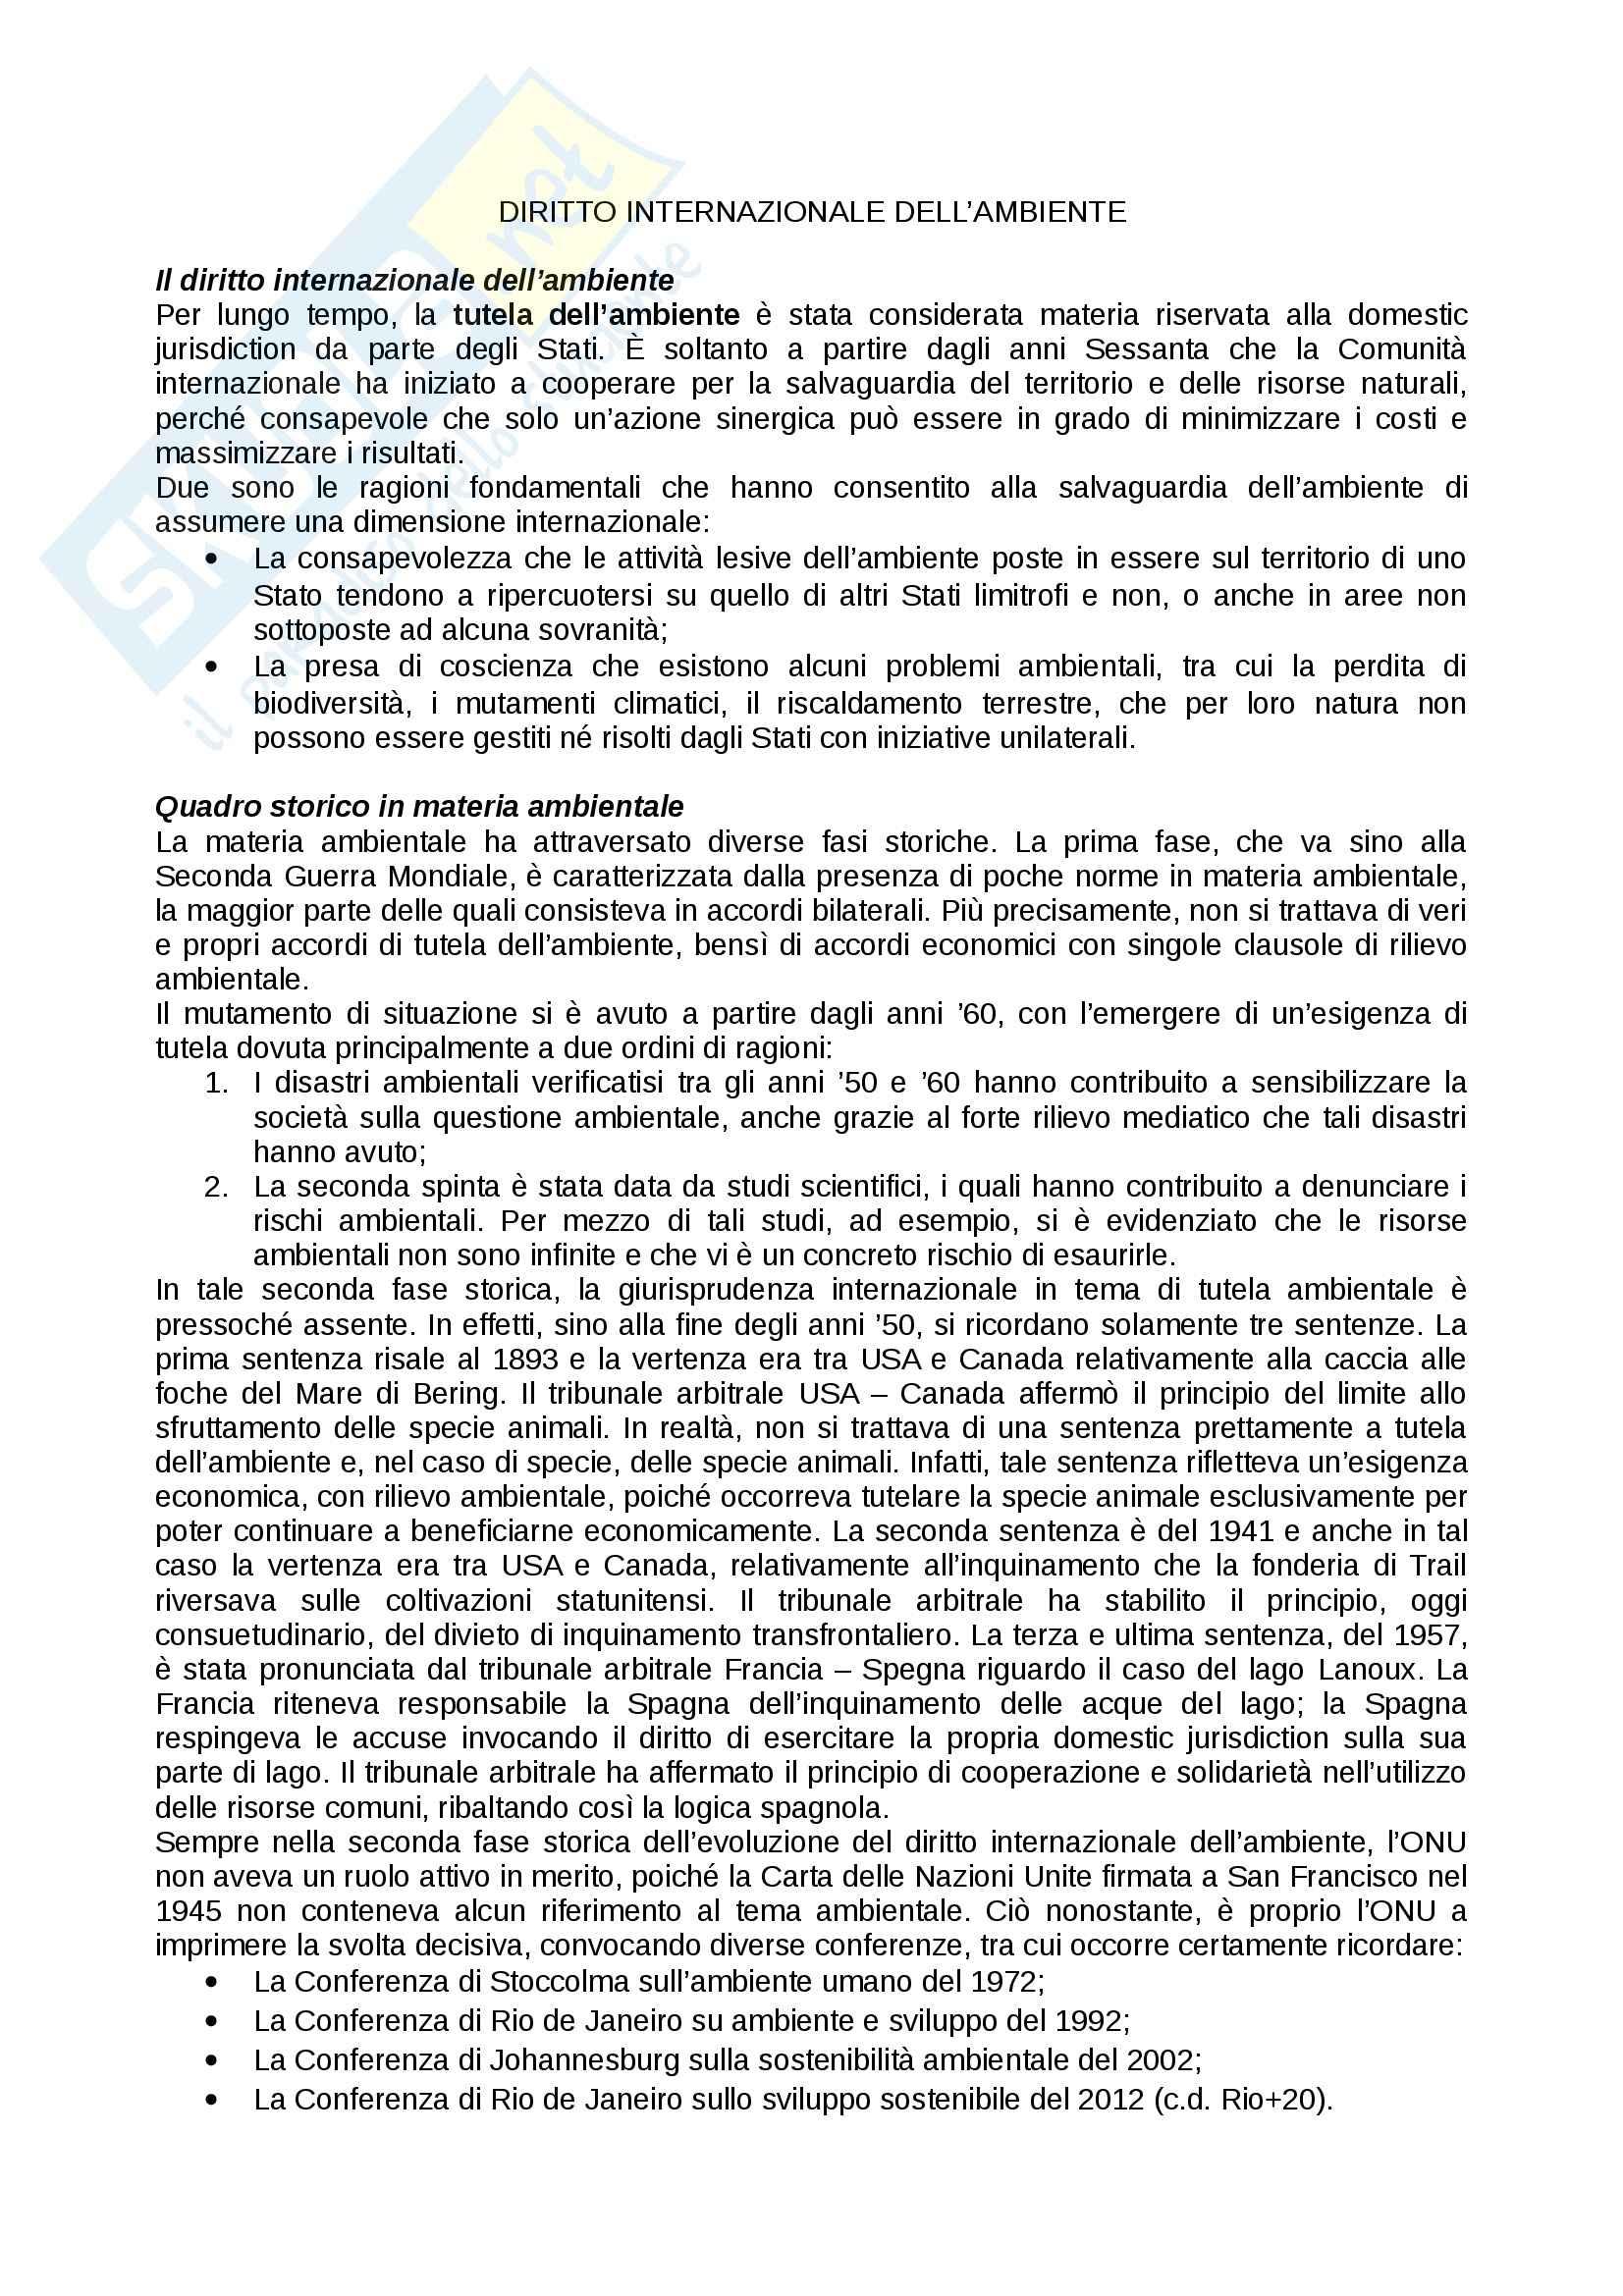 Diritto internazionale dell'ambiente